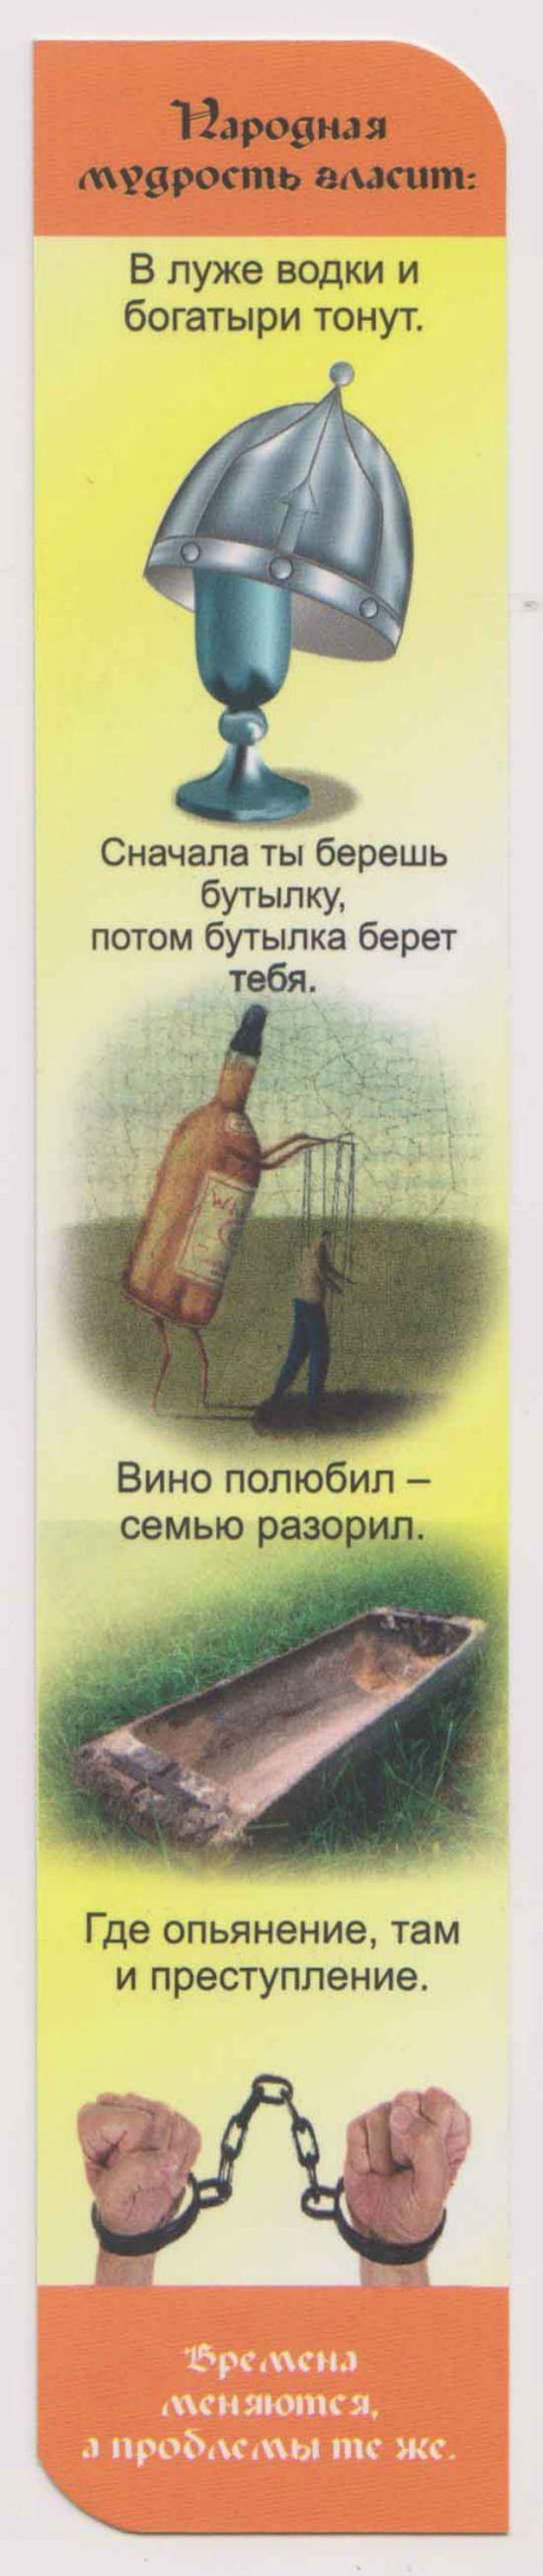 В Ярославле учащиеся школ получили закладки с антиалкогольной пропагандой (2 фото)